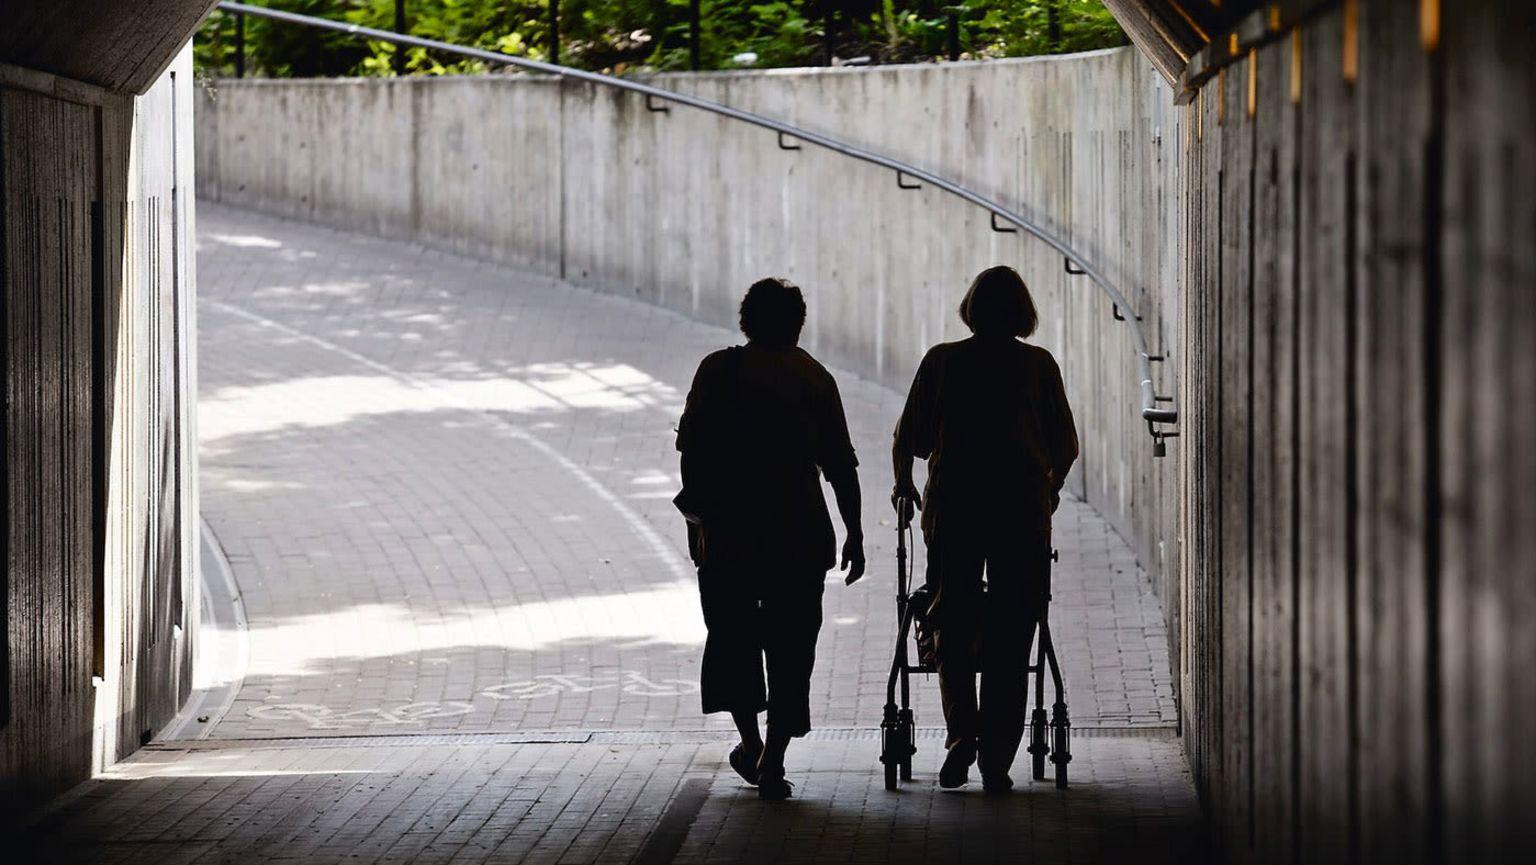 Två äldre kvinnor, en med en rullator, går tillsammans under en viadukt.